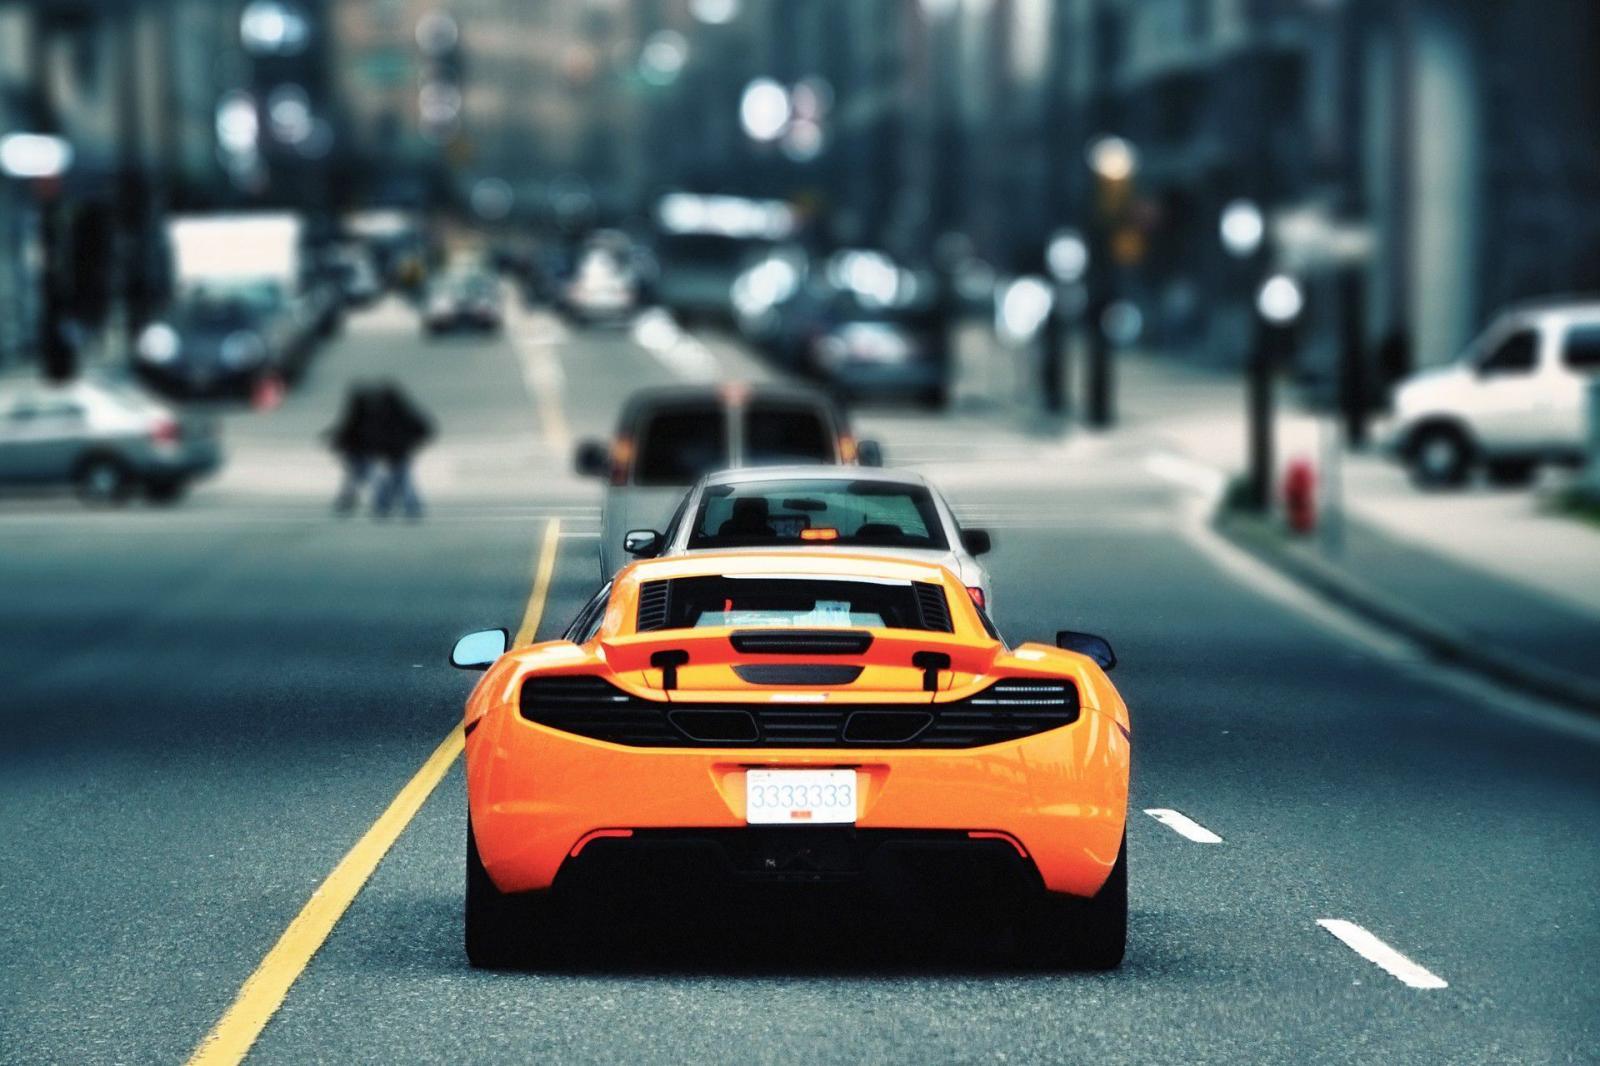 Auto deportivo en la calle